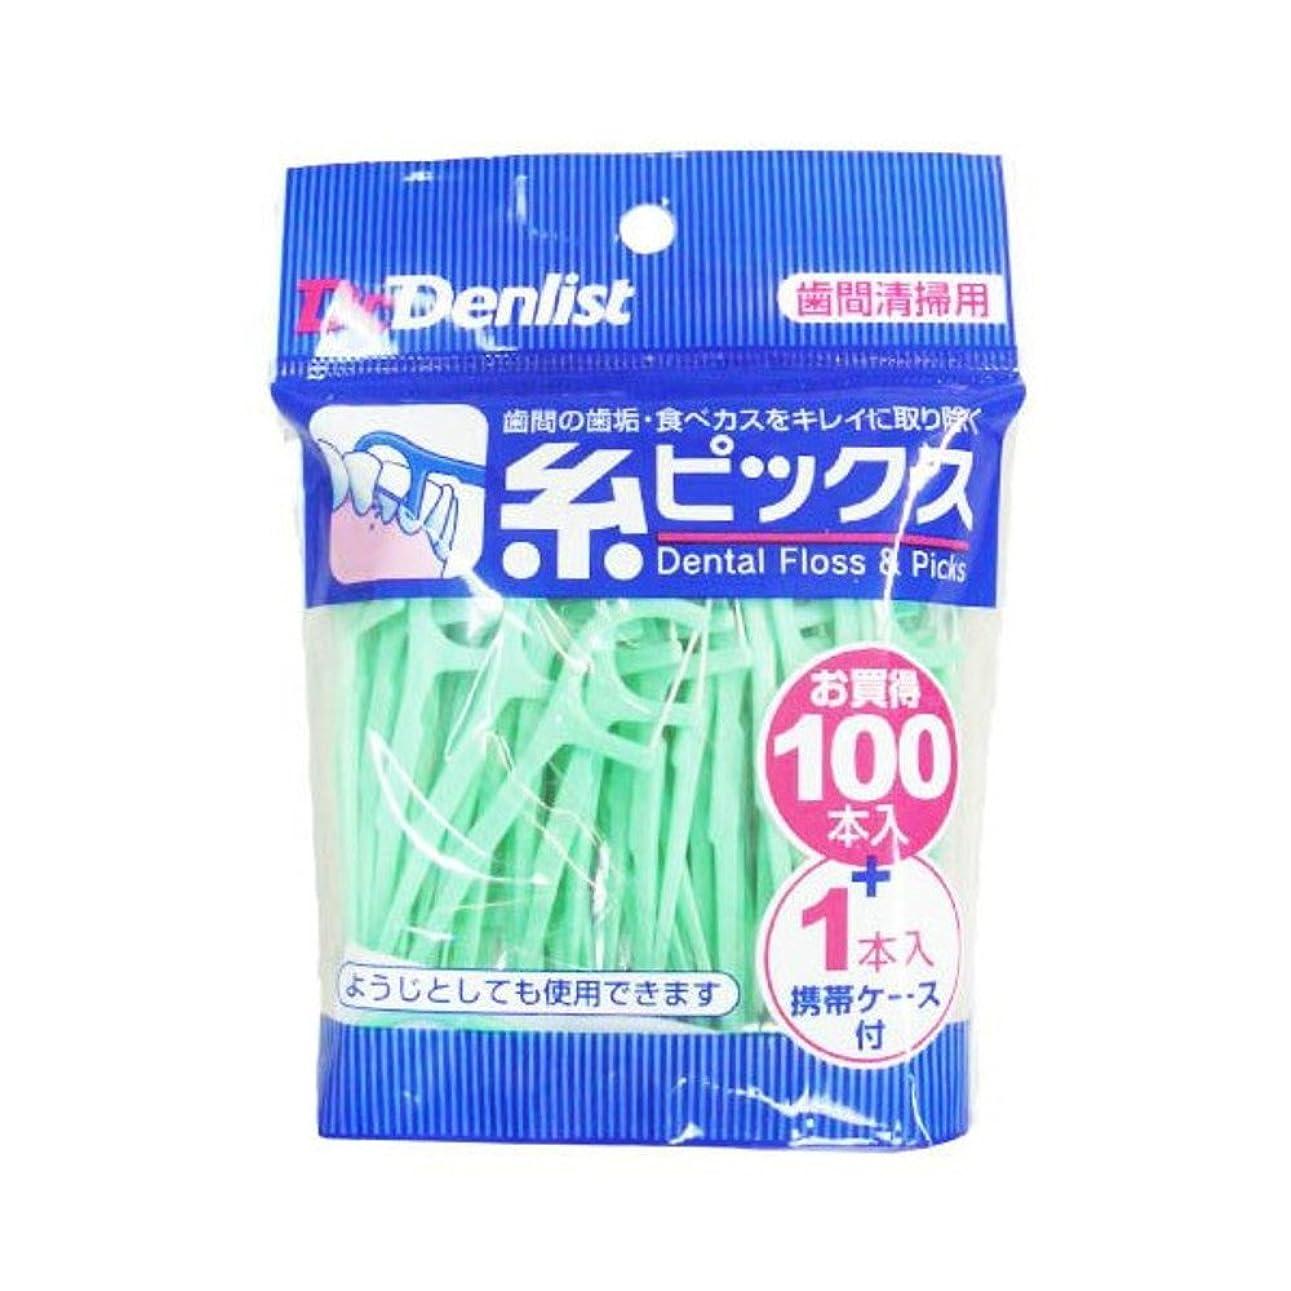 青公爵故障Dr.デンリスト 糸ピックス(歯間清掃用) 100本+1本(携帯ケース付)